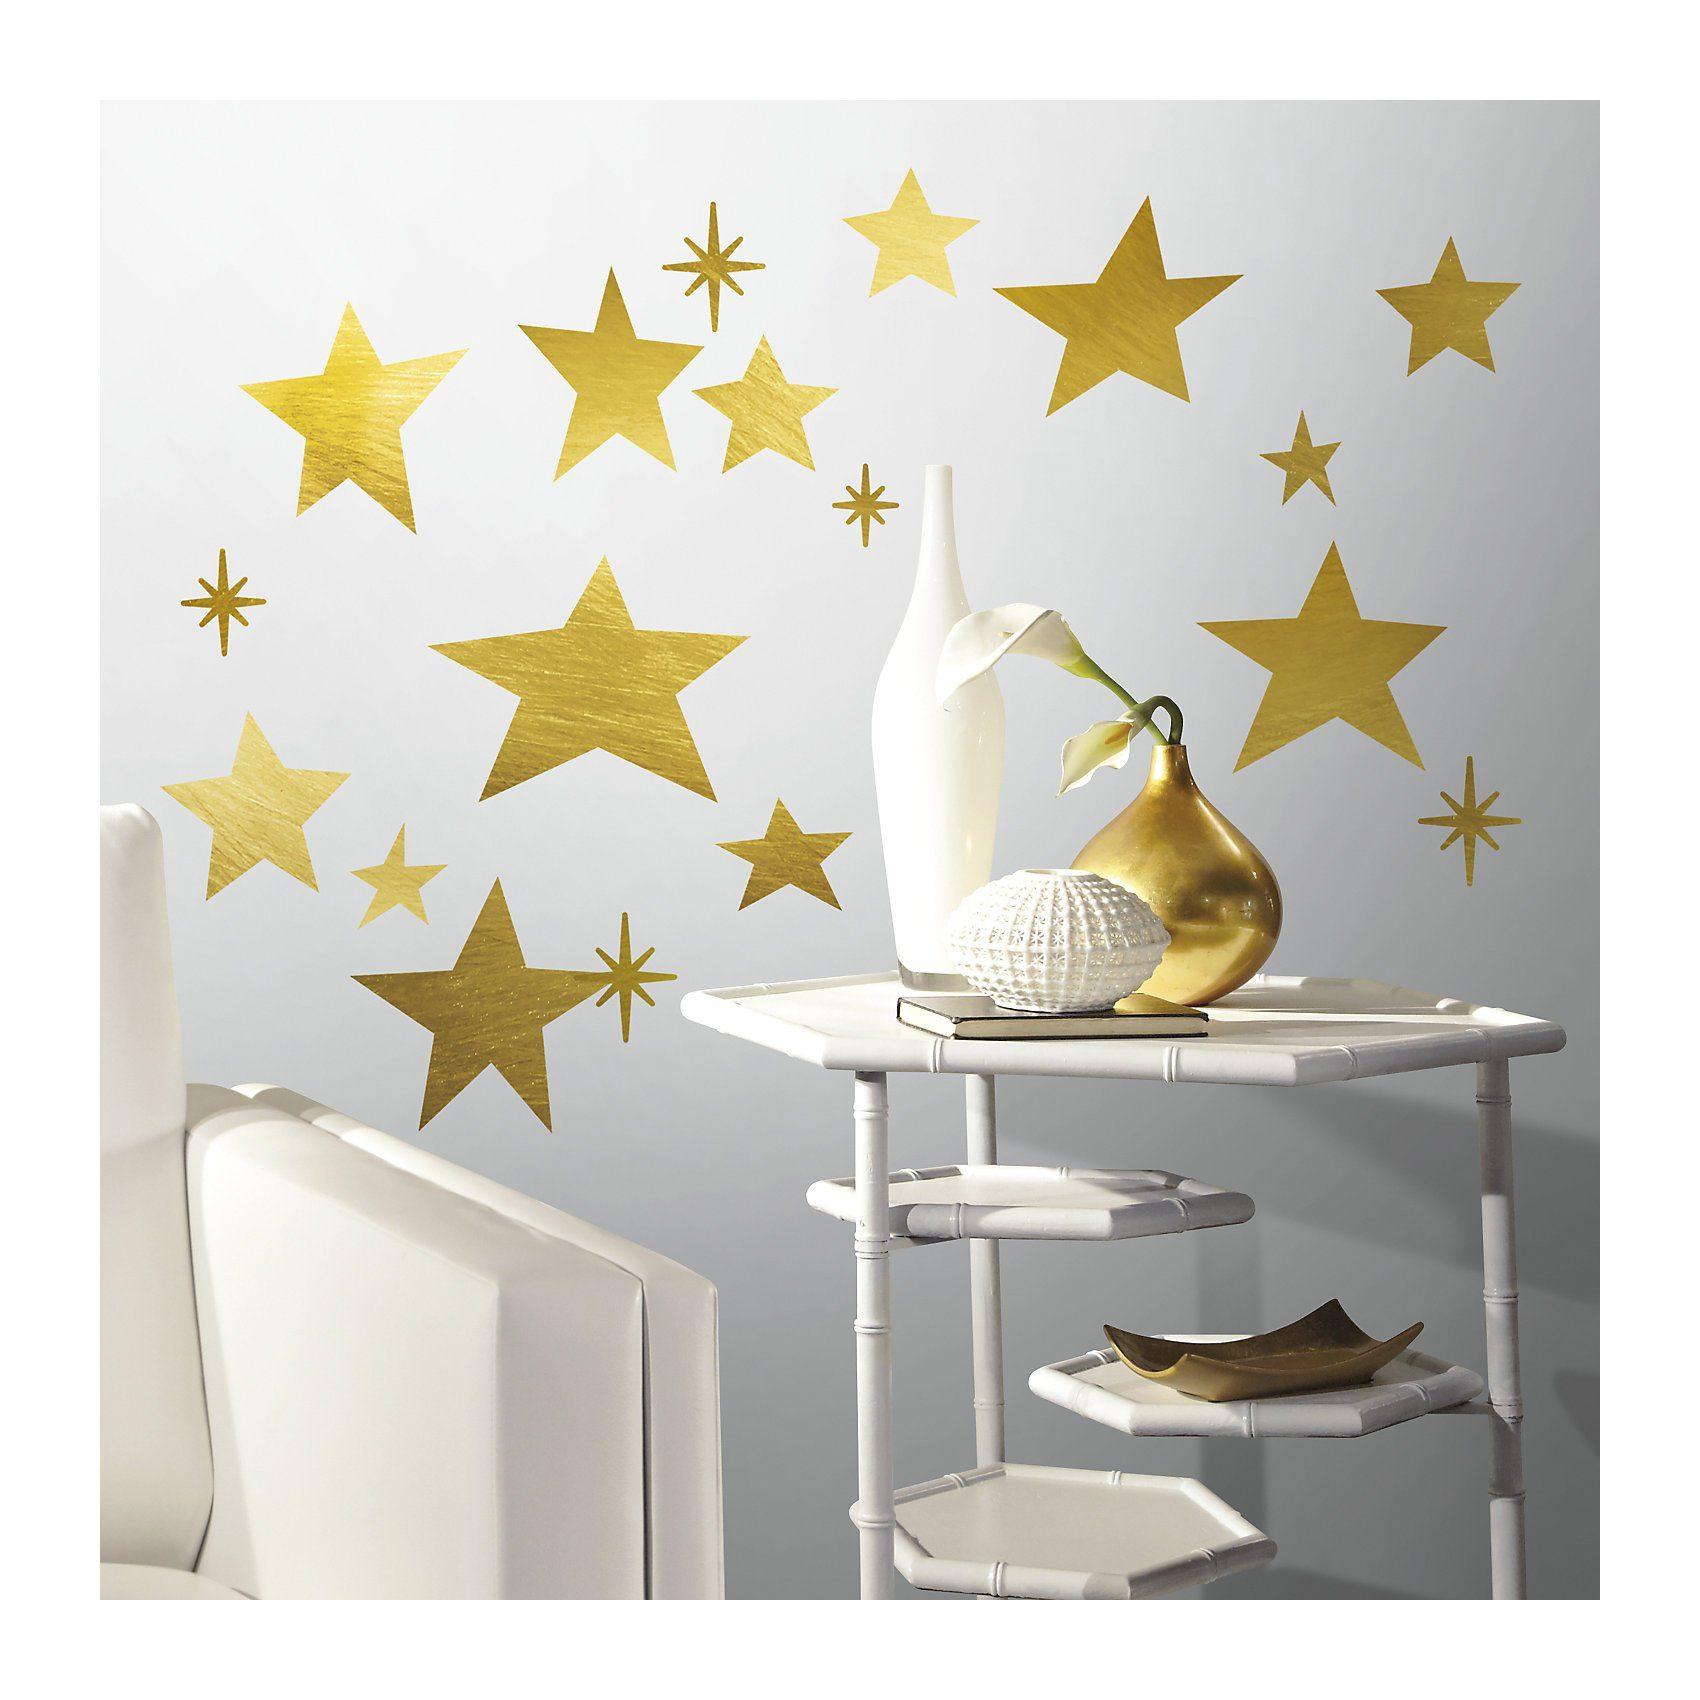 RoomMates Wandsticker goldfarbige Sterne, 60-tlg.